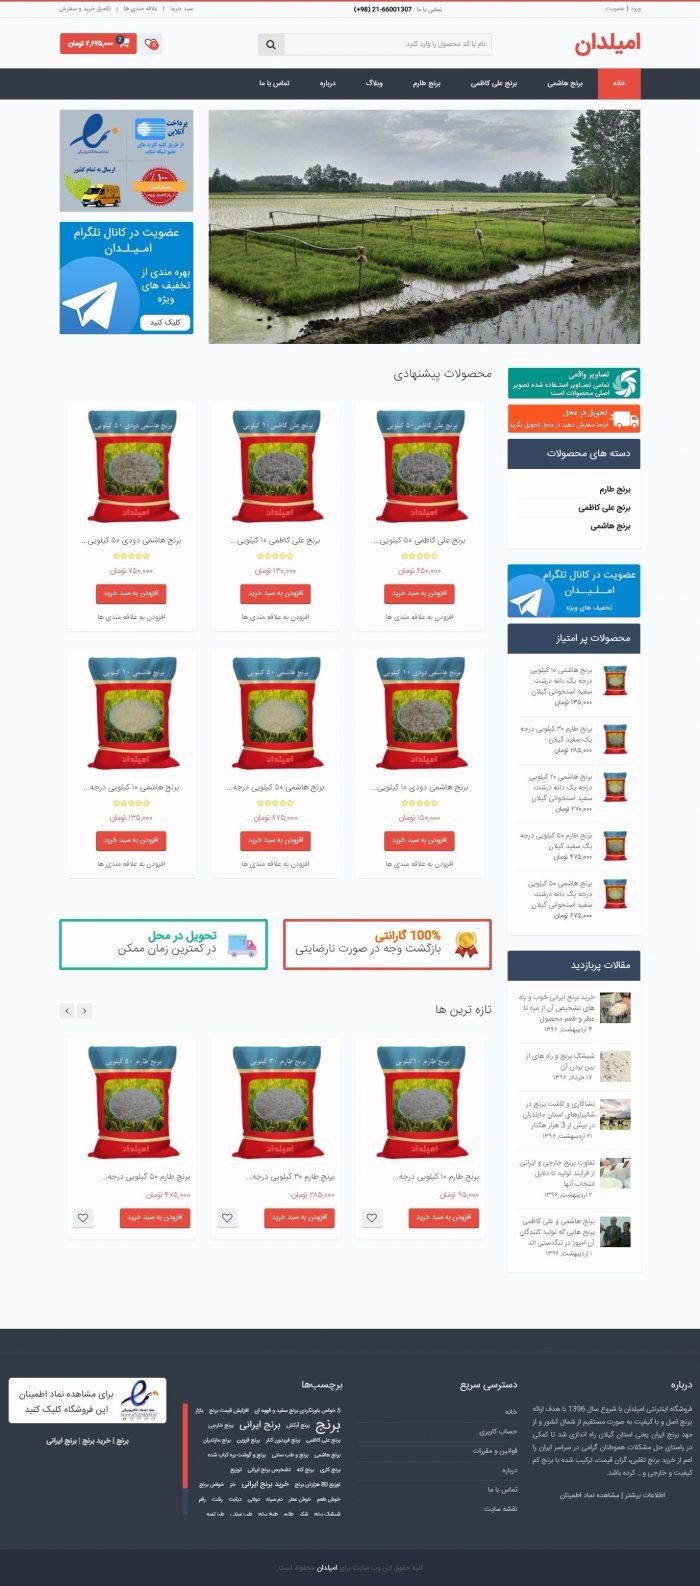 طراحی سایت فروشگاه امیلدان